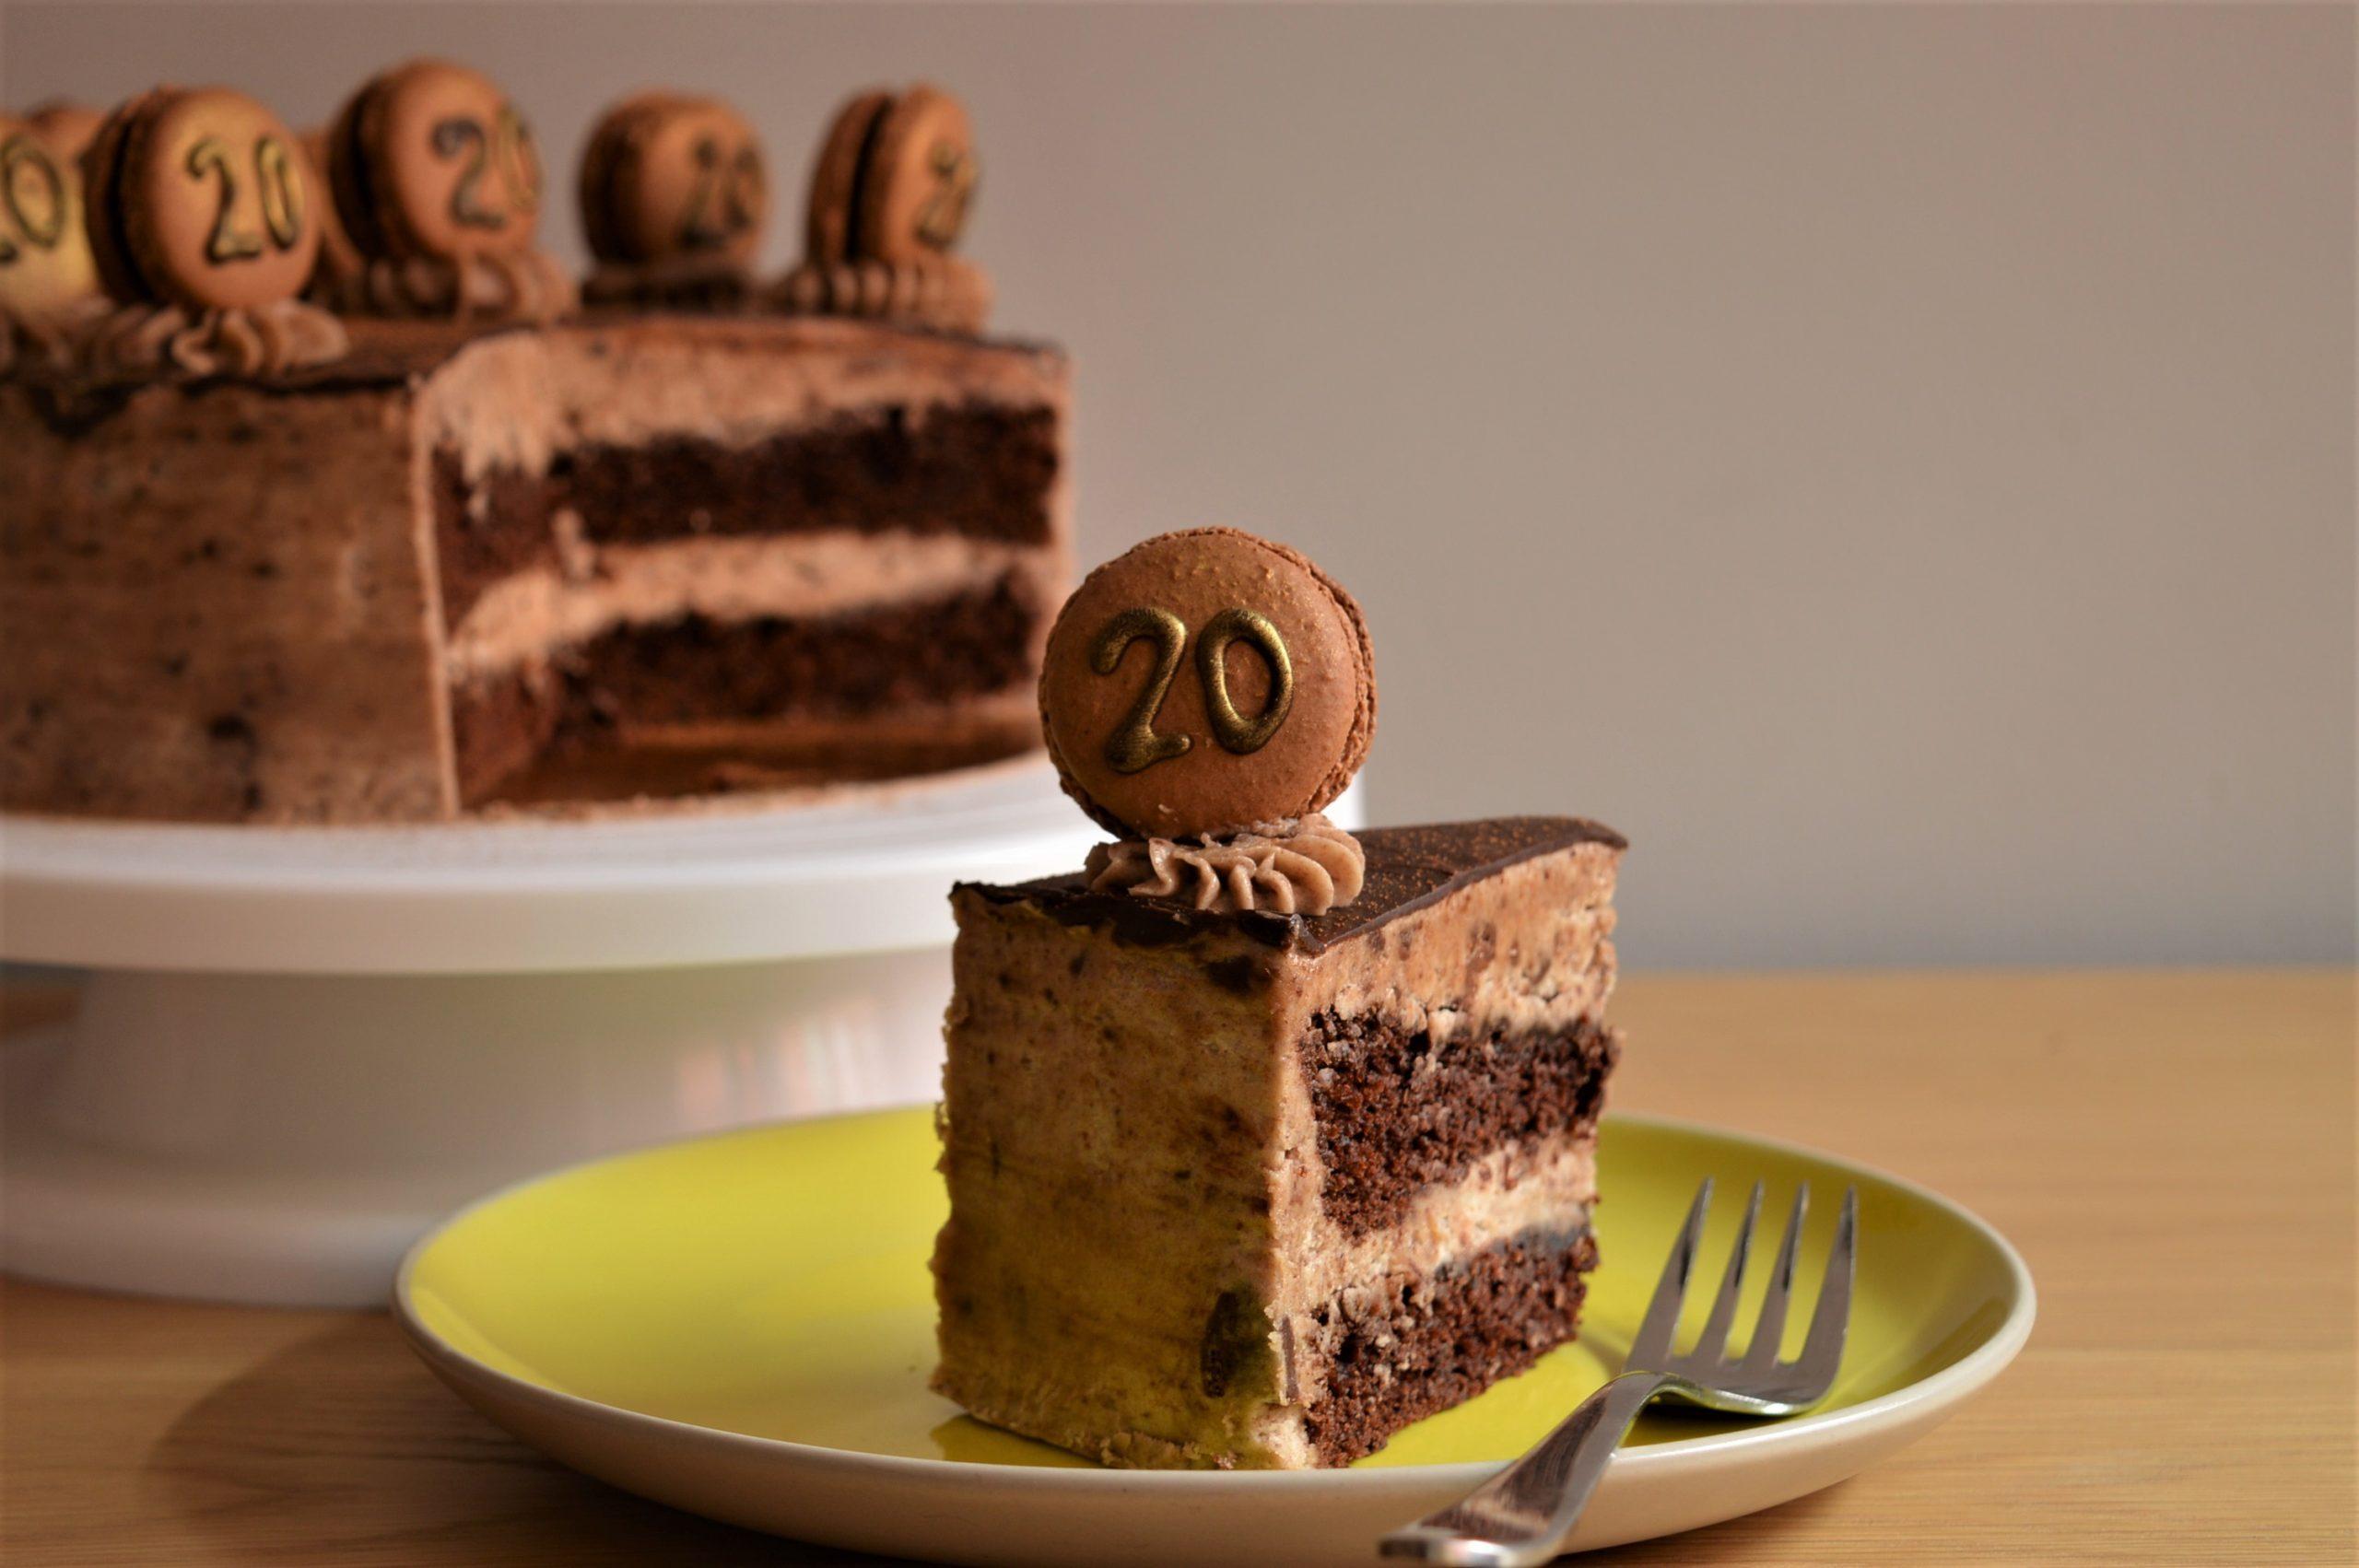 Lemon & Juniper Chocolate Cake